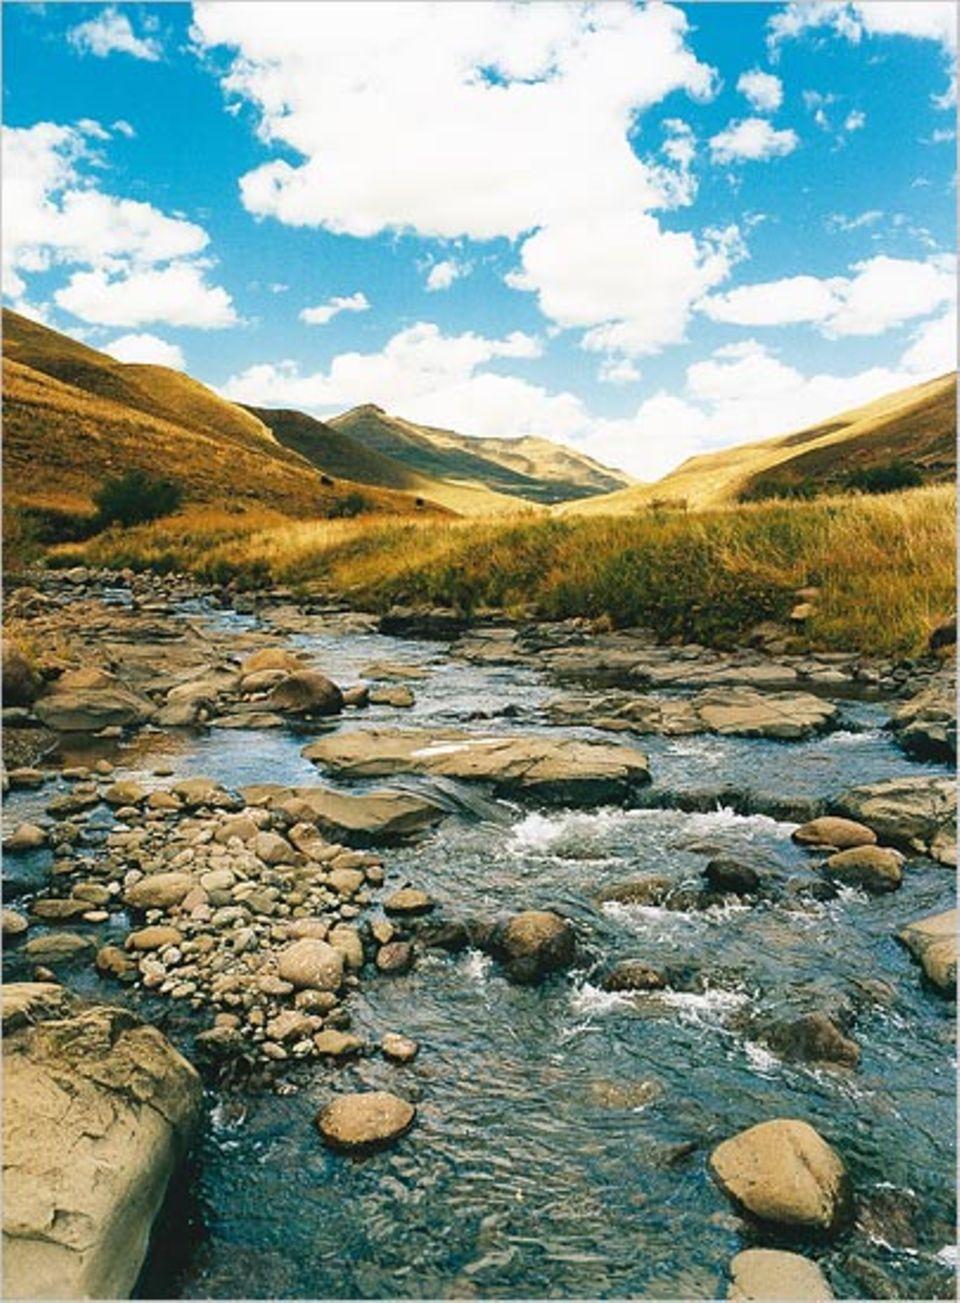 Der Fluss Sehonkong im Schatten der Nachmittagssonne. Wasser gehört, wenn der Regen fällt, zu den wenigen Reichtümern Lesothos